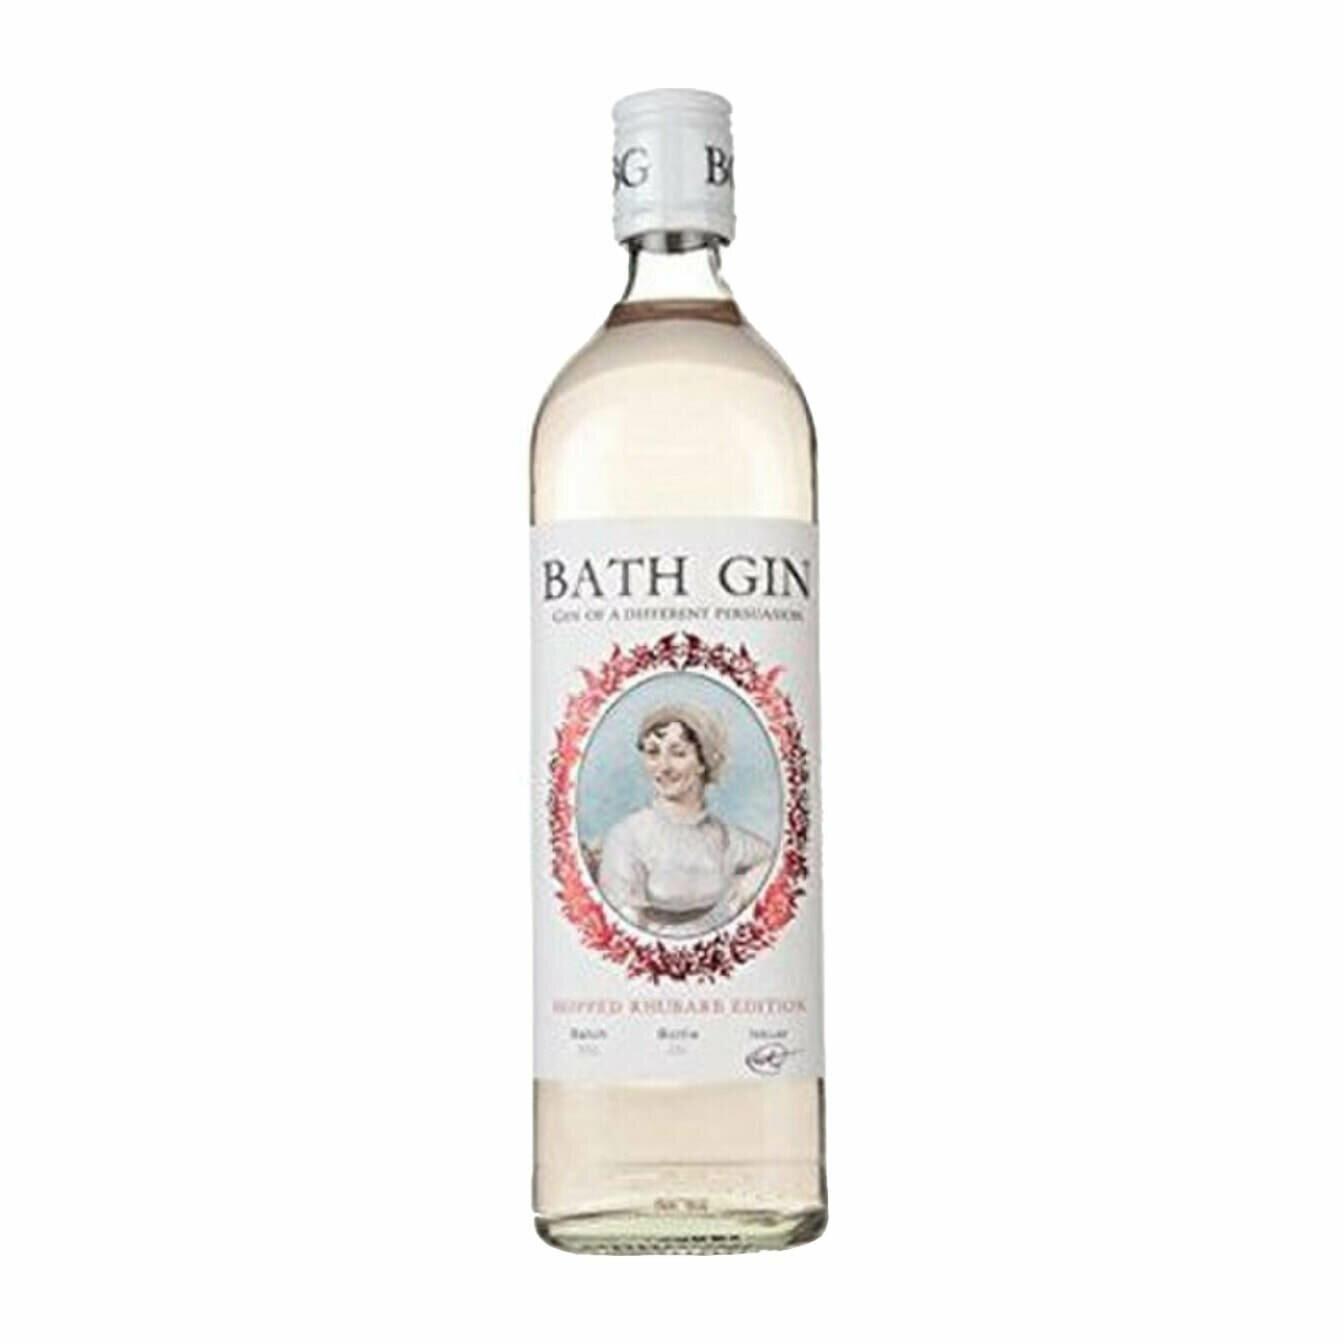 Bath Gin Hopped Rhubarb Edition Gin